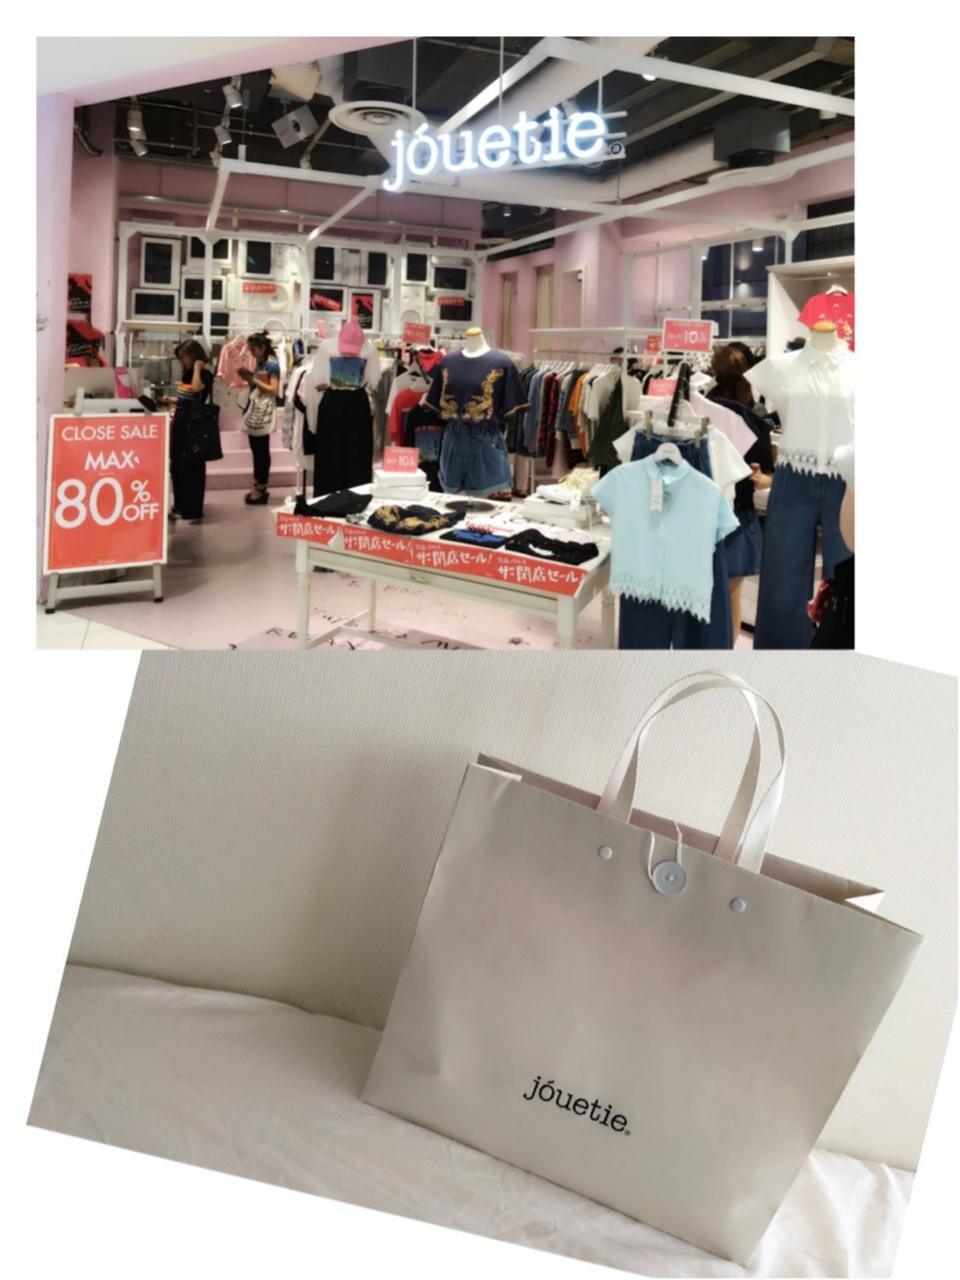 ♡夏のセール戦利品【半額以下商品いっぱいの渋谷PARCO閉店SALE】さらに値引きでget♡モアハピ◡̈のぞみ♡_8